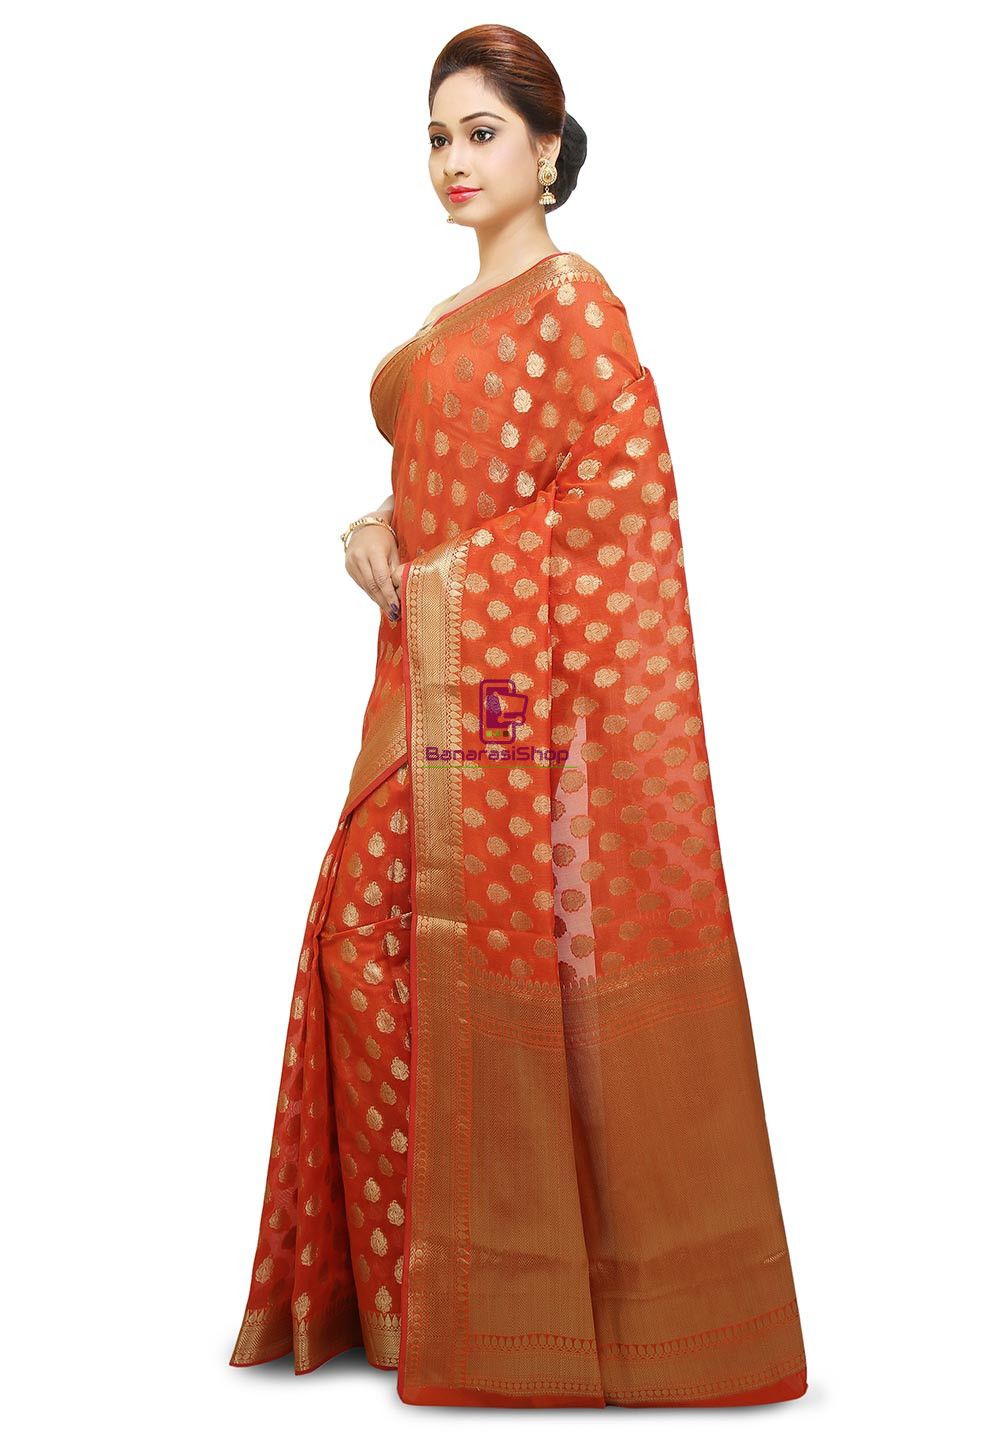 Banarasi Saree in Orange 5